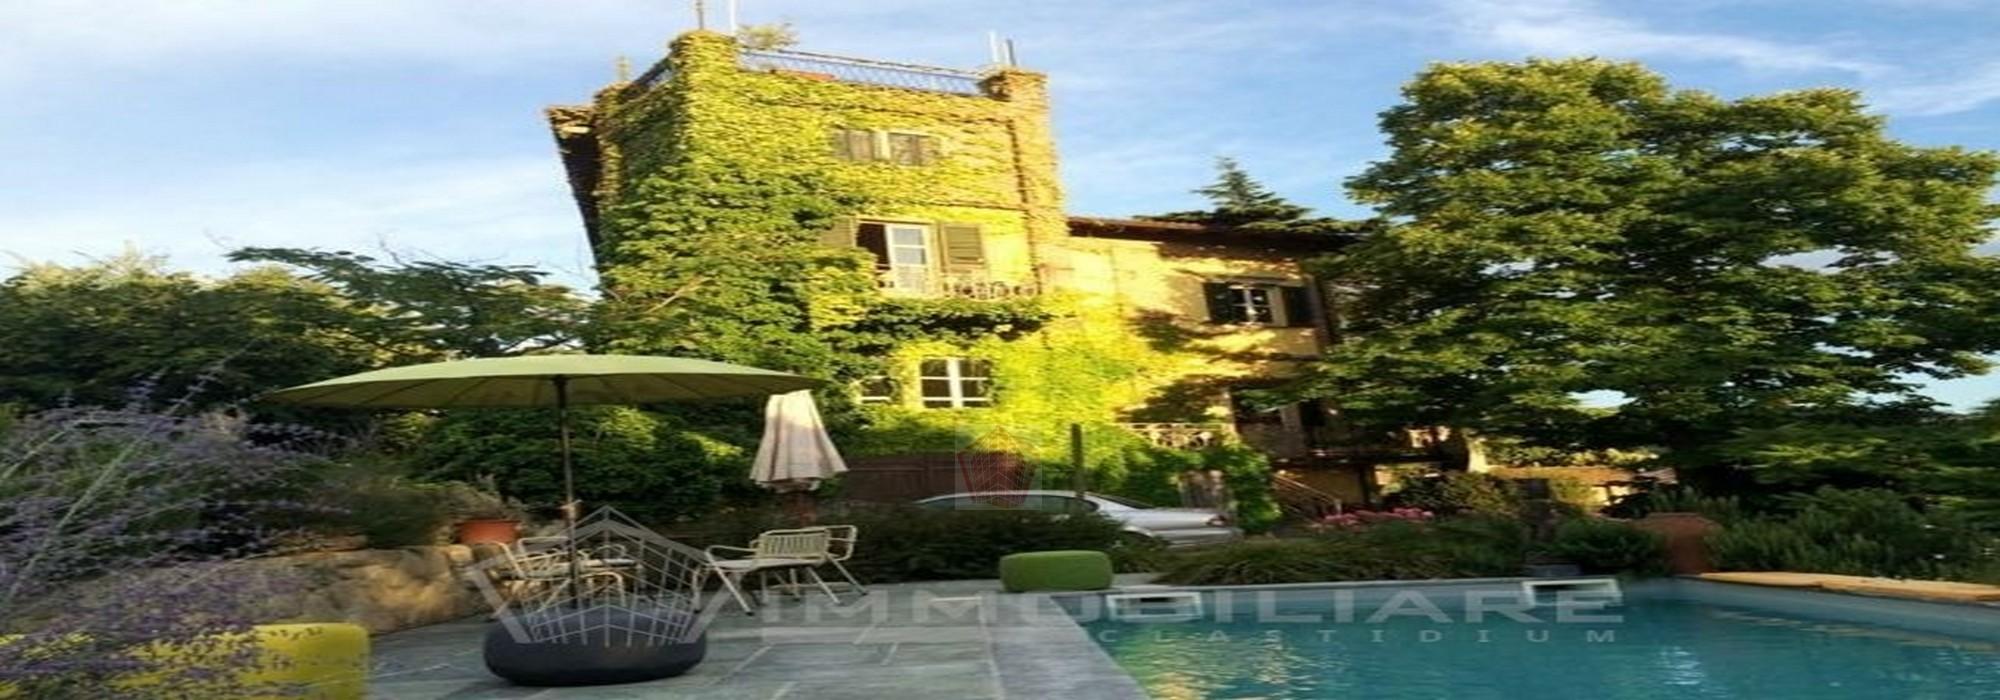 Borgo Priolo (PV) VENDITA Dimora storica con piscina Rif. C215